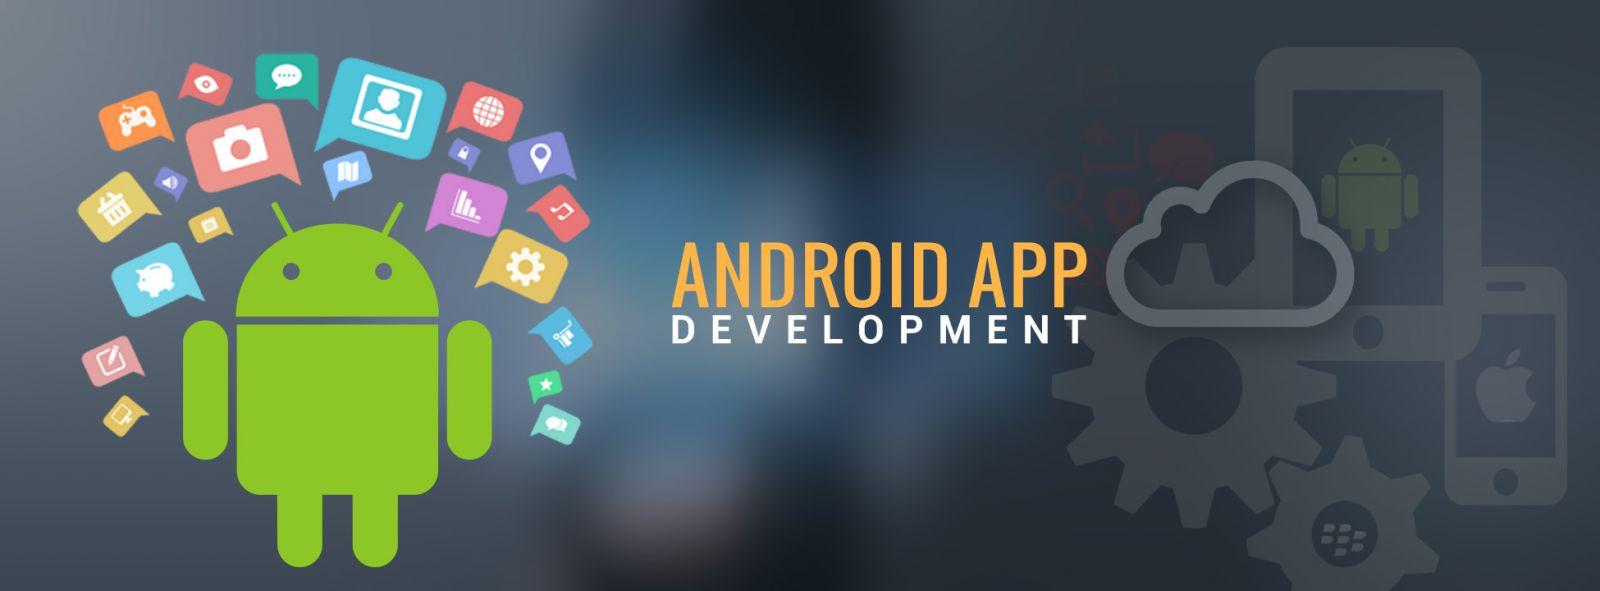 Tuyển dụng 1 lập trình viên Android